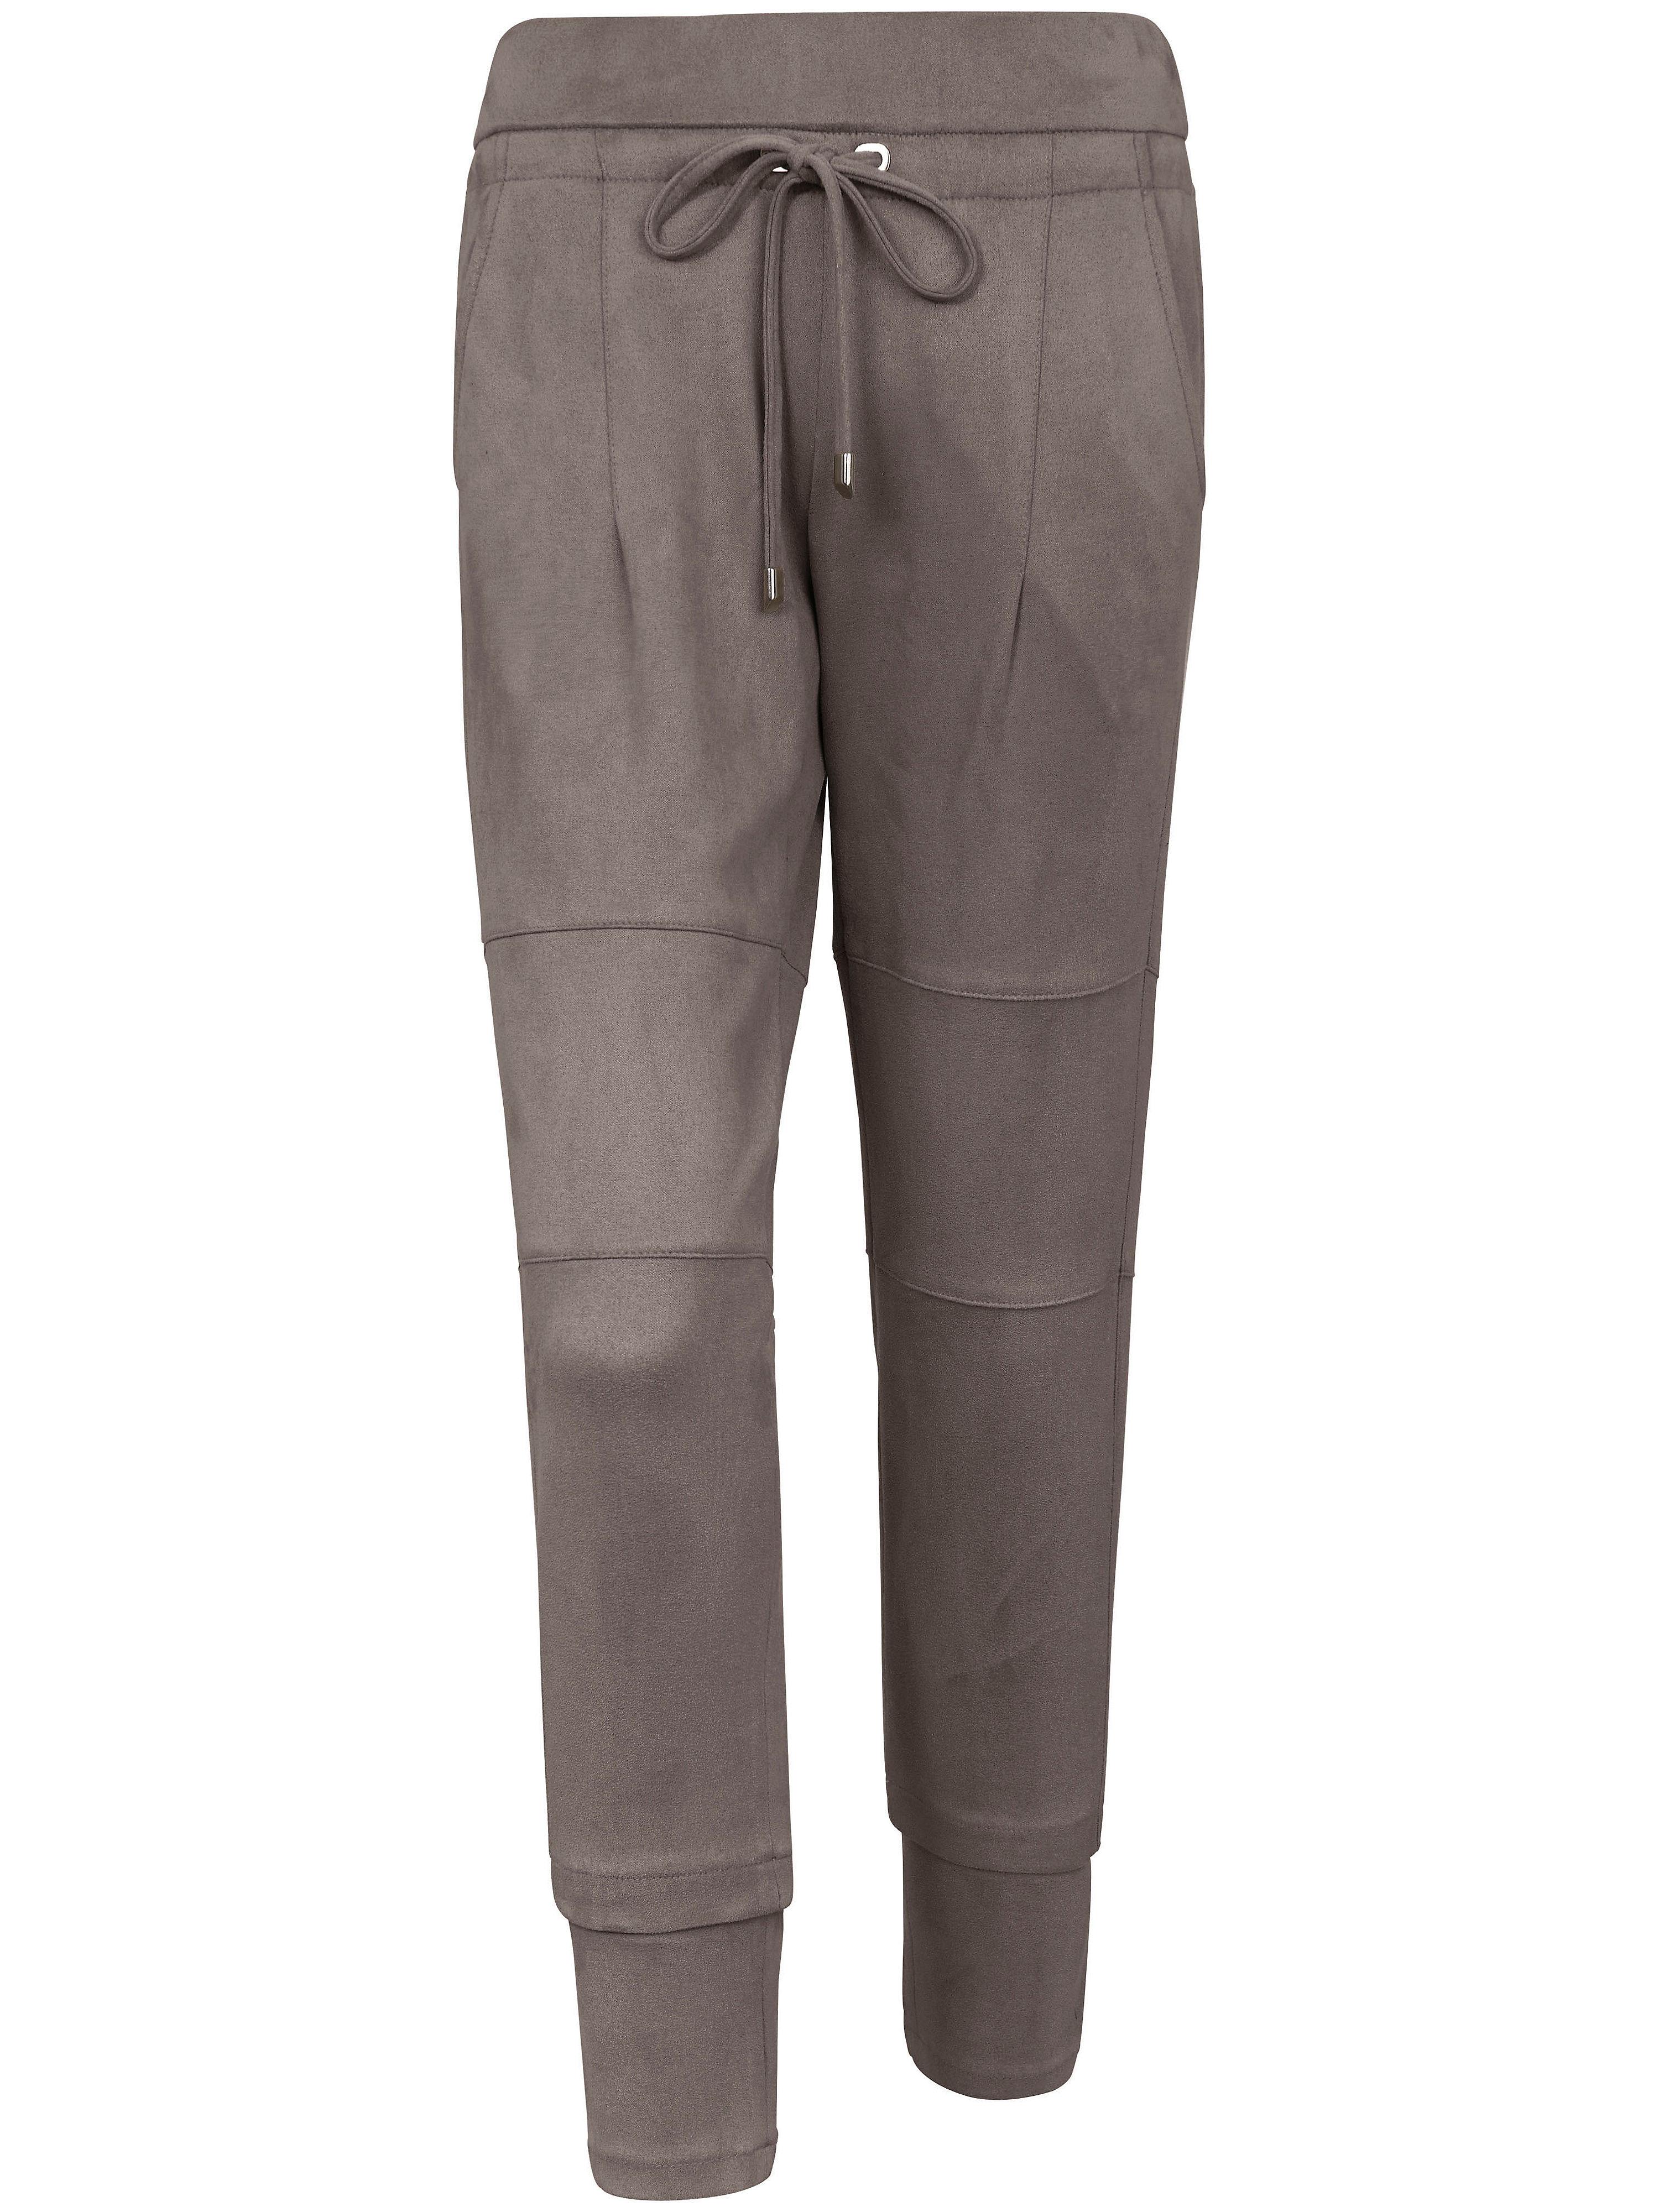 Le pantalon longueur chevilles modèle Candice  Raffaello Rossi beige taille 50